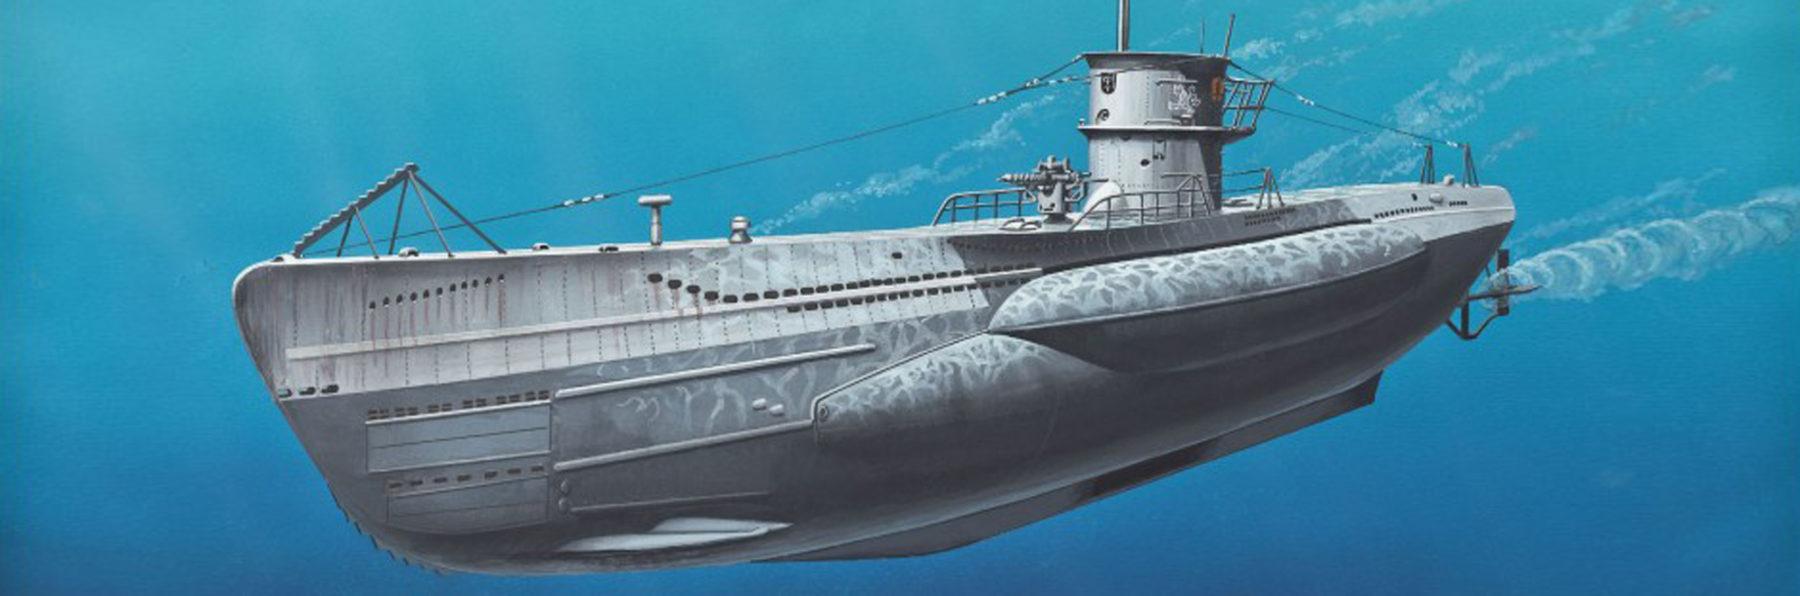 Type-VII Class